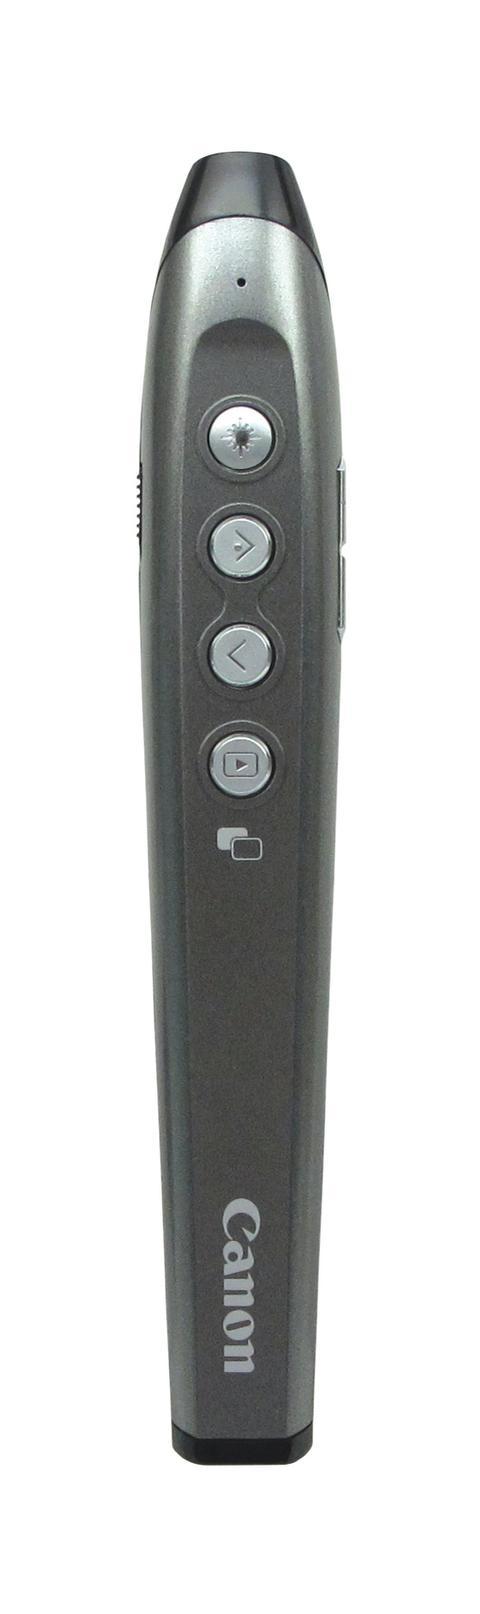 PR1000-R smart fjärrkontroll projektor